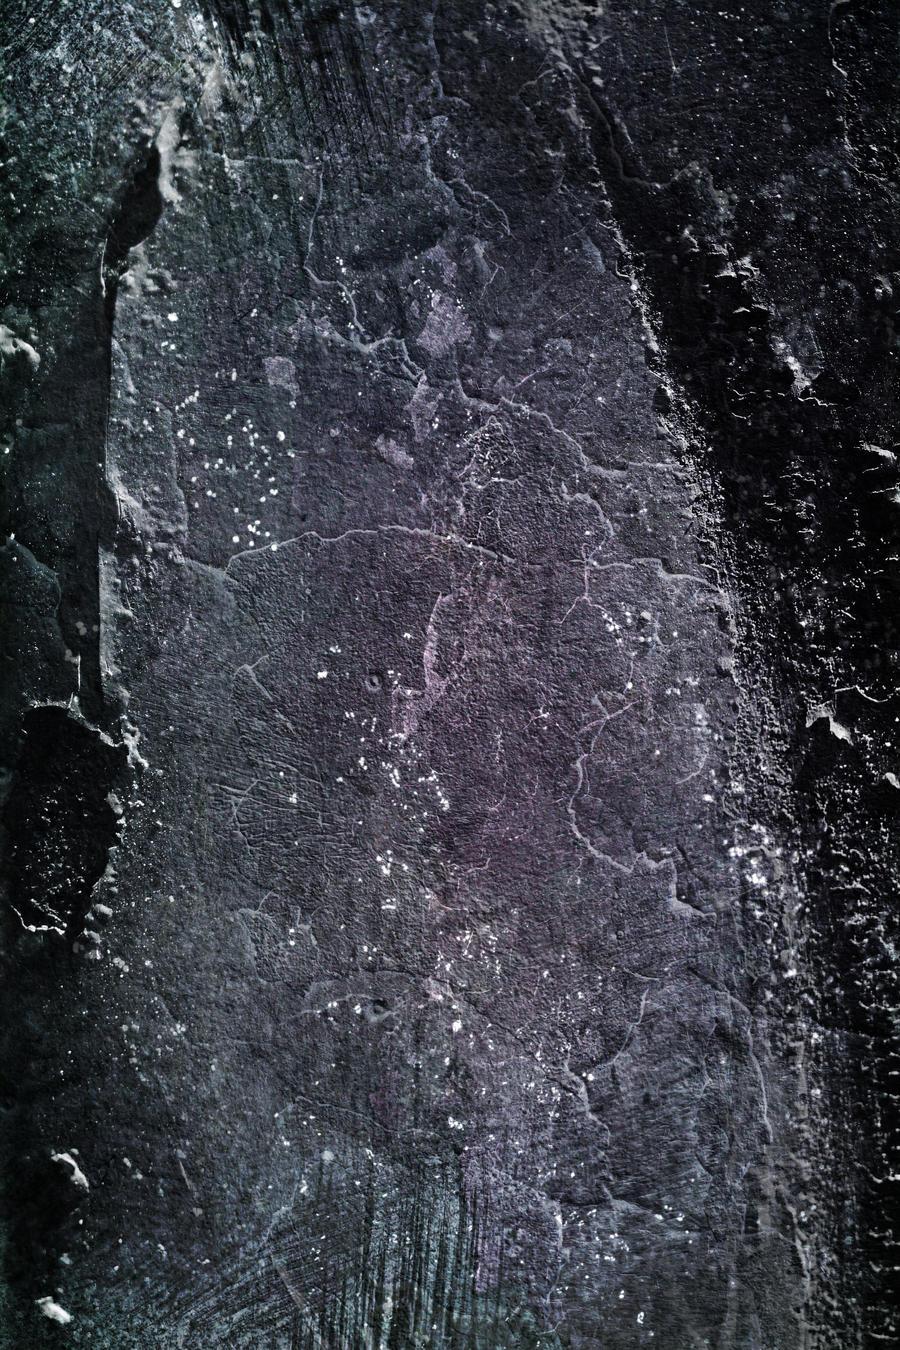 Texture 295 by Sirius-sdz